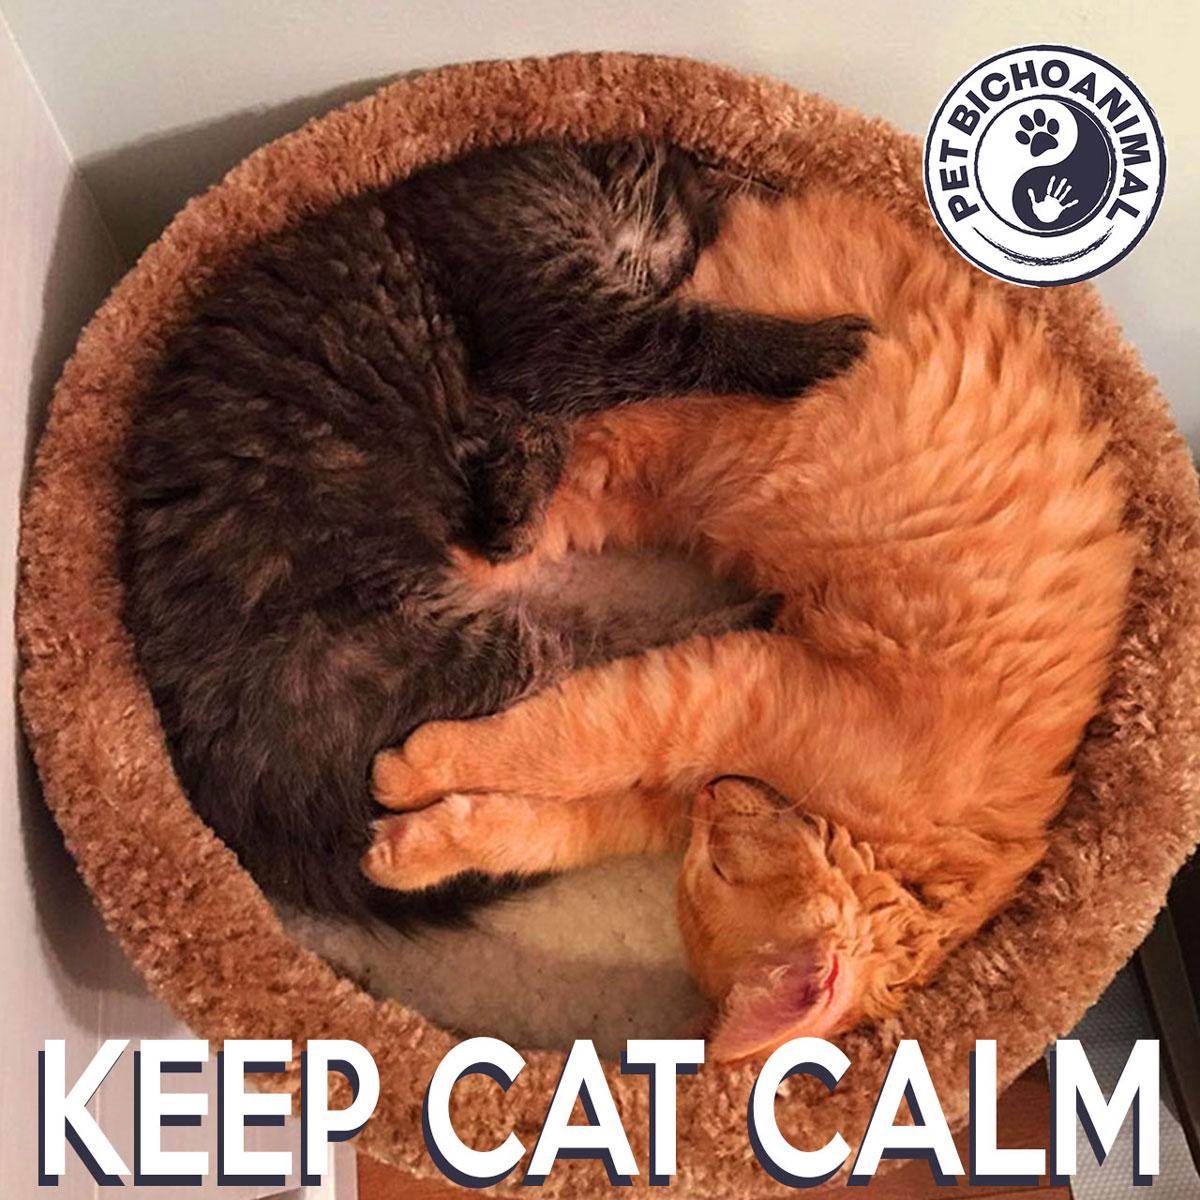 KEEP CAT CALM - SLEEP 1